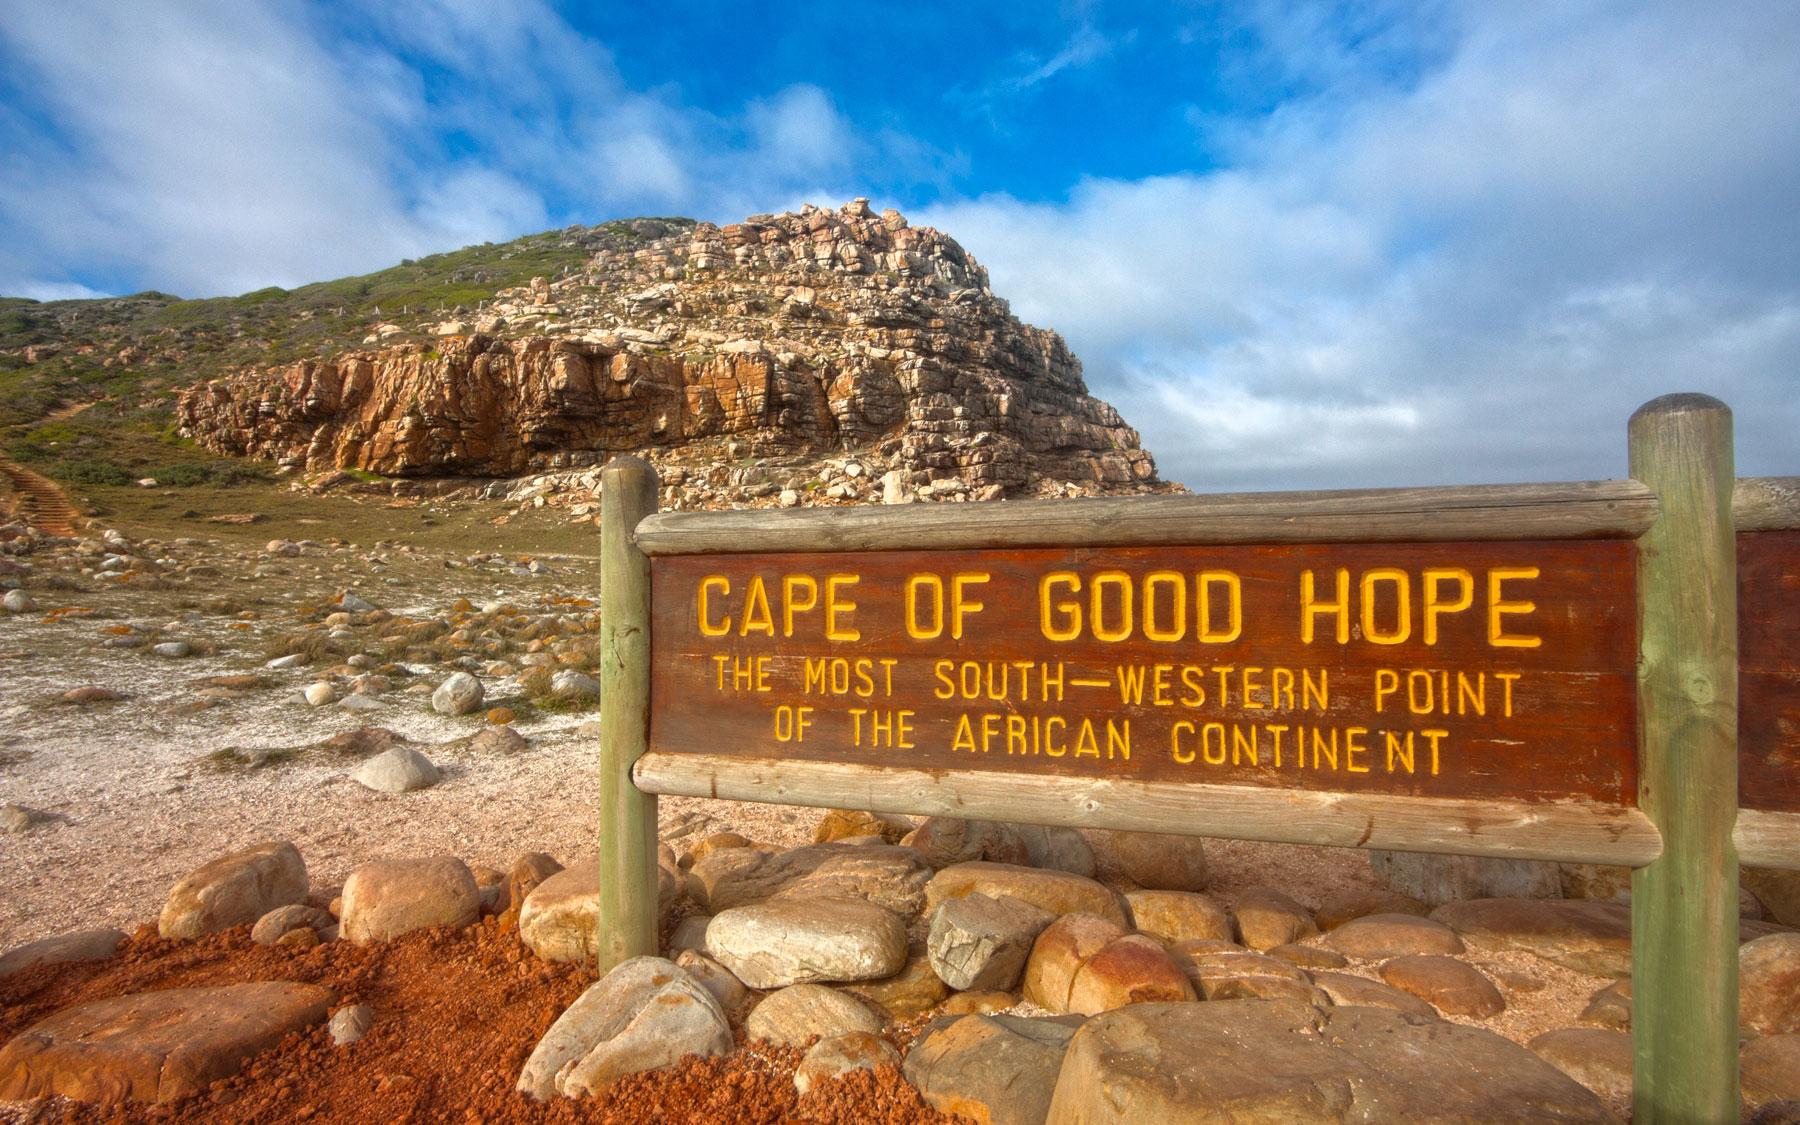 cape of good hope cape town enkosi africa ciudad del cabo sudafrica cabo buena esperanza viajar a ciudad del cabo